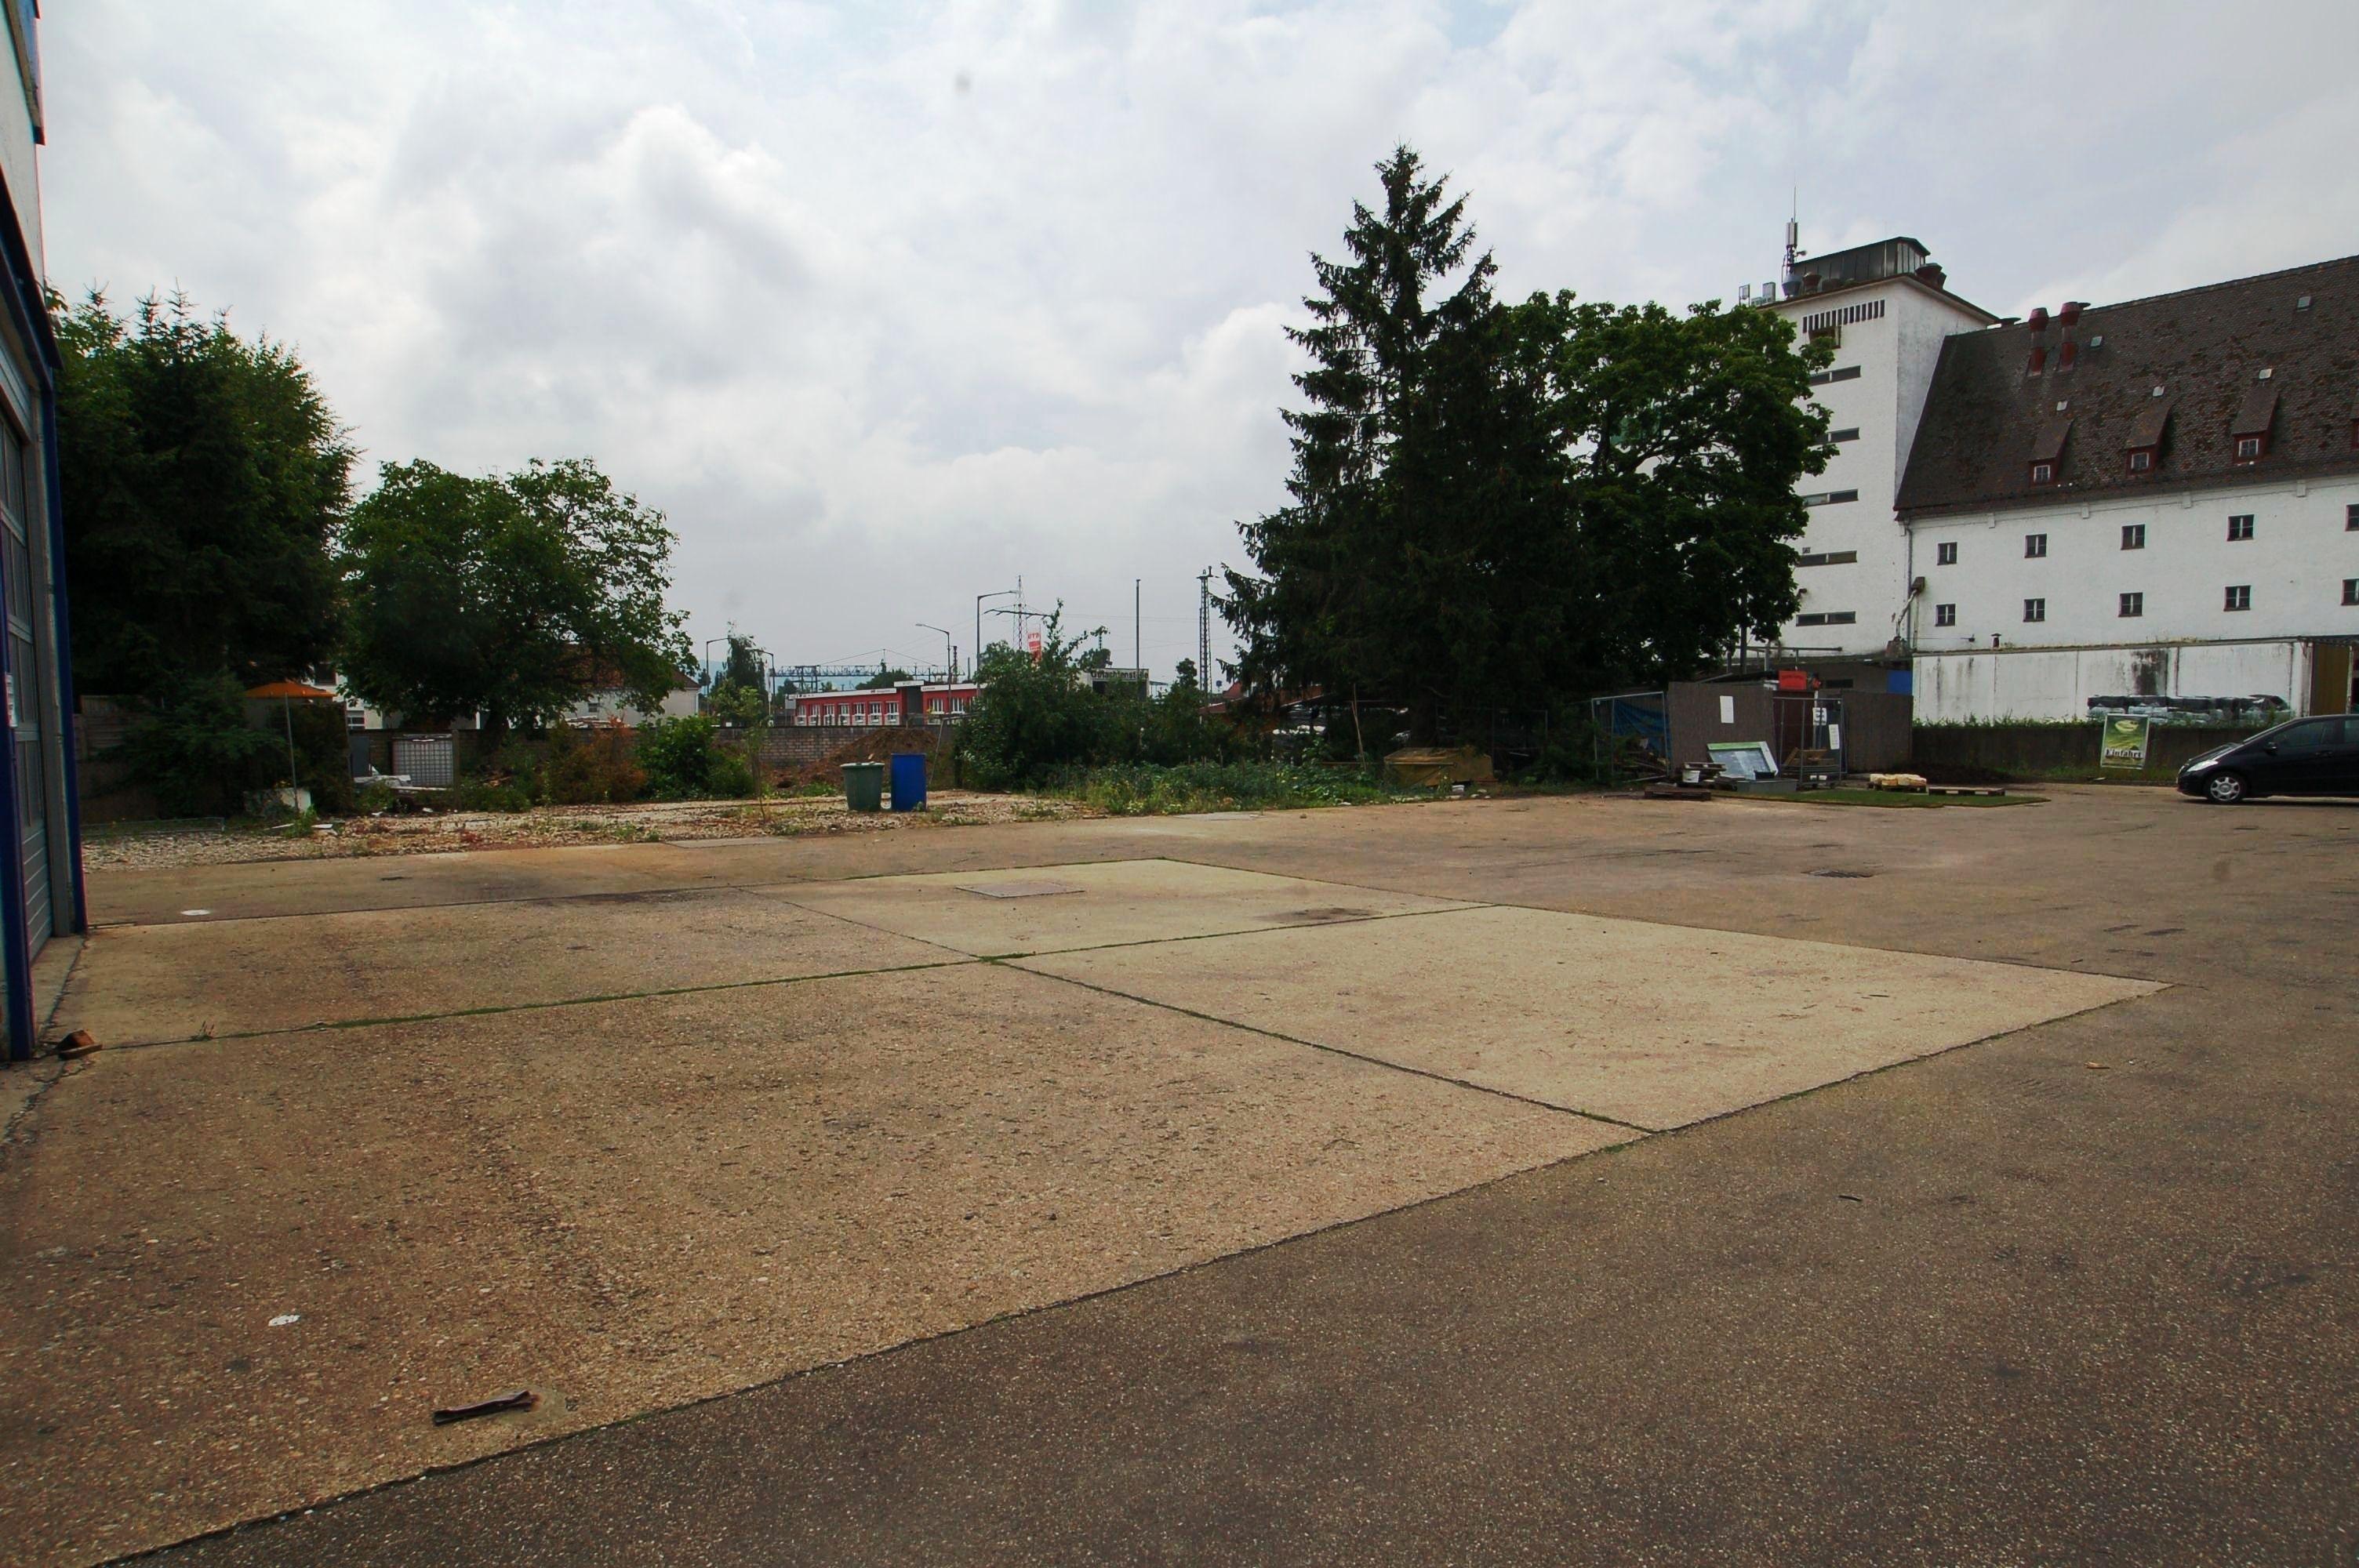 Freiflächen